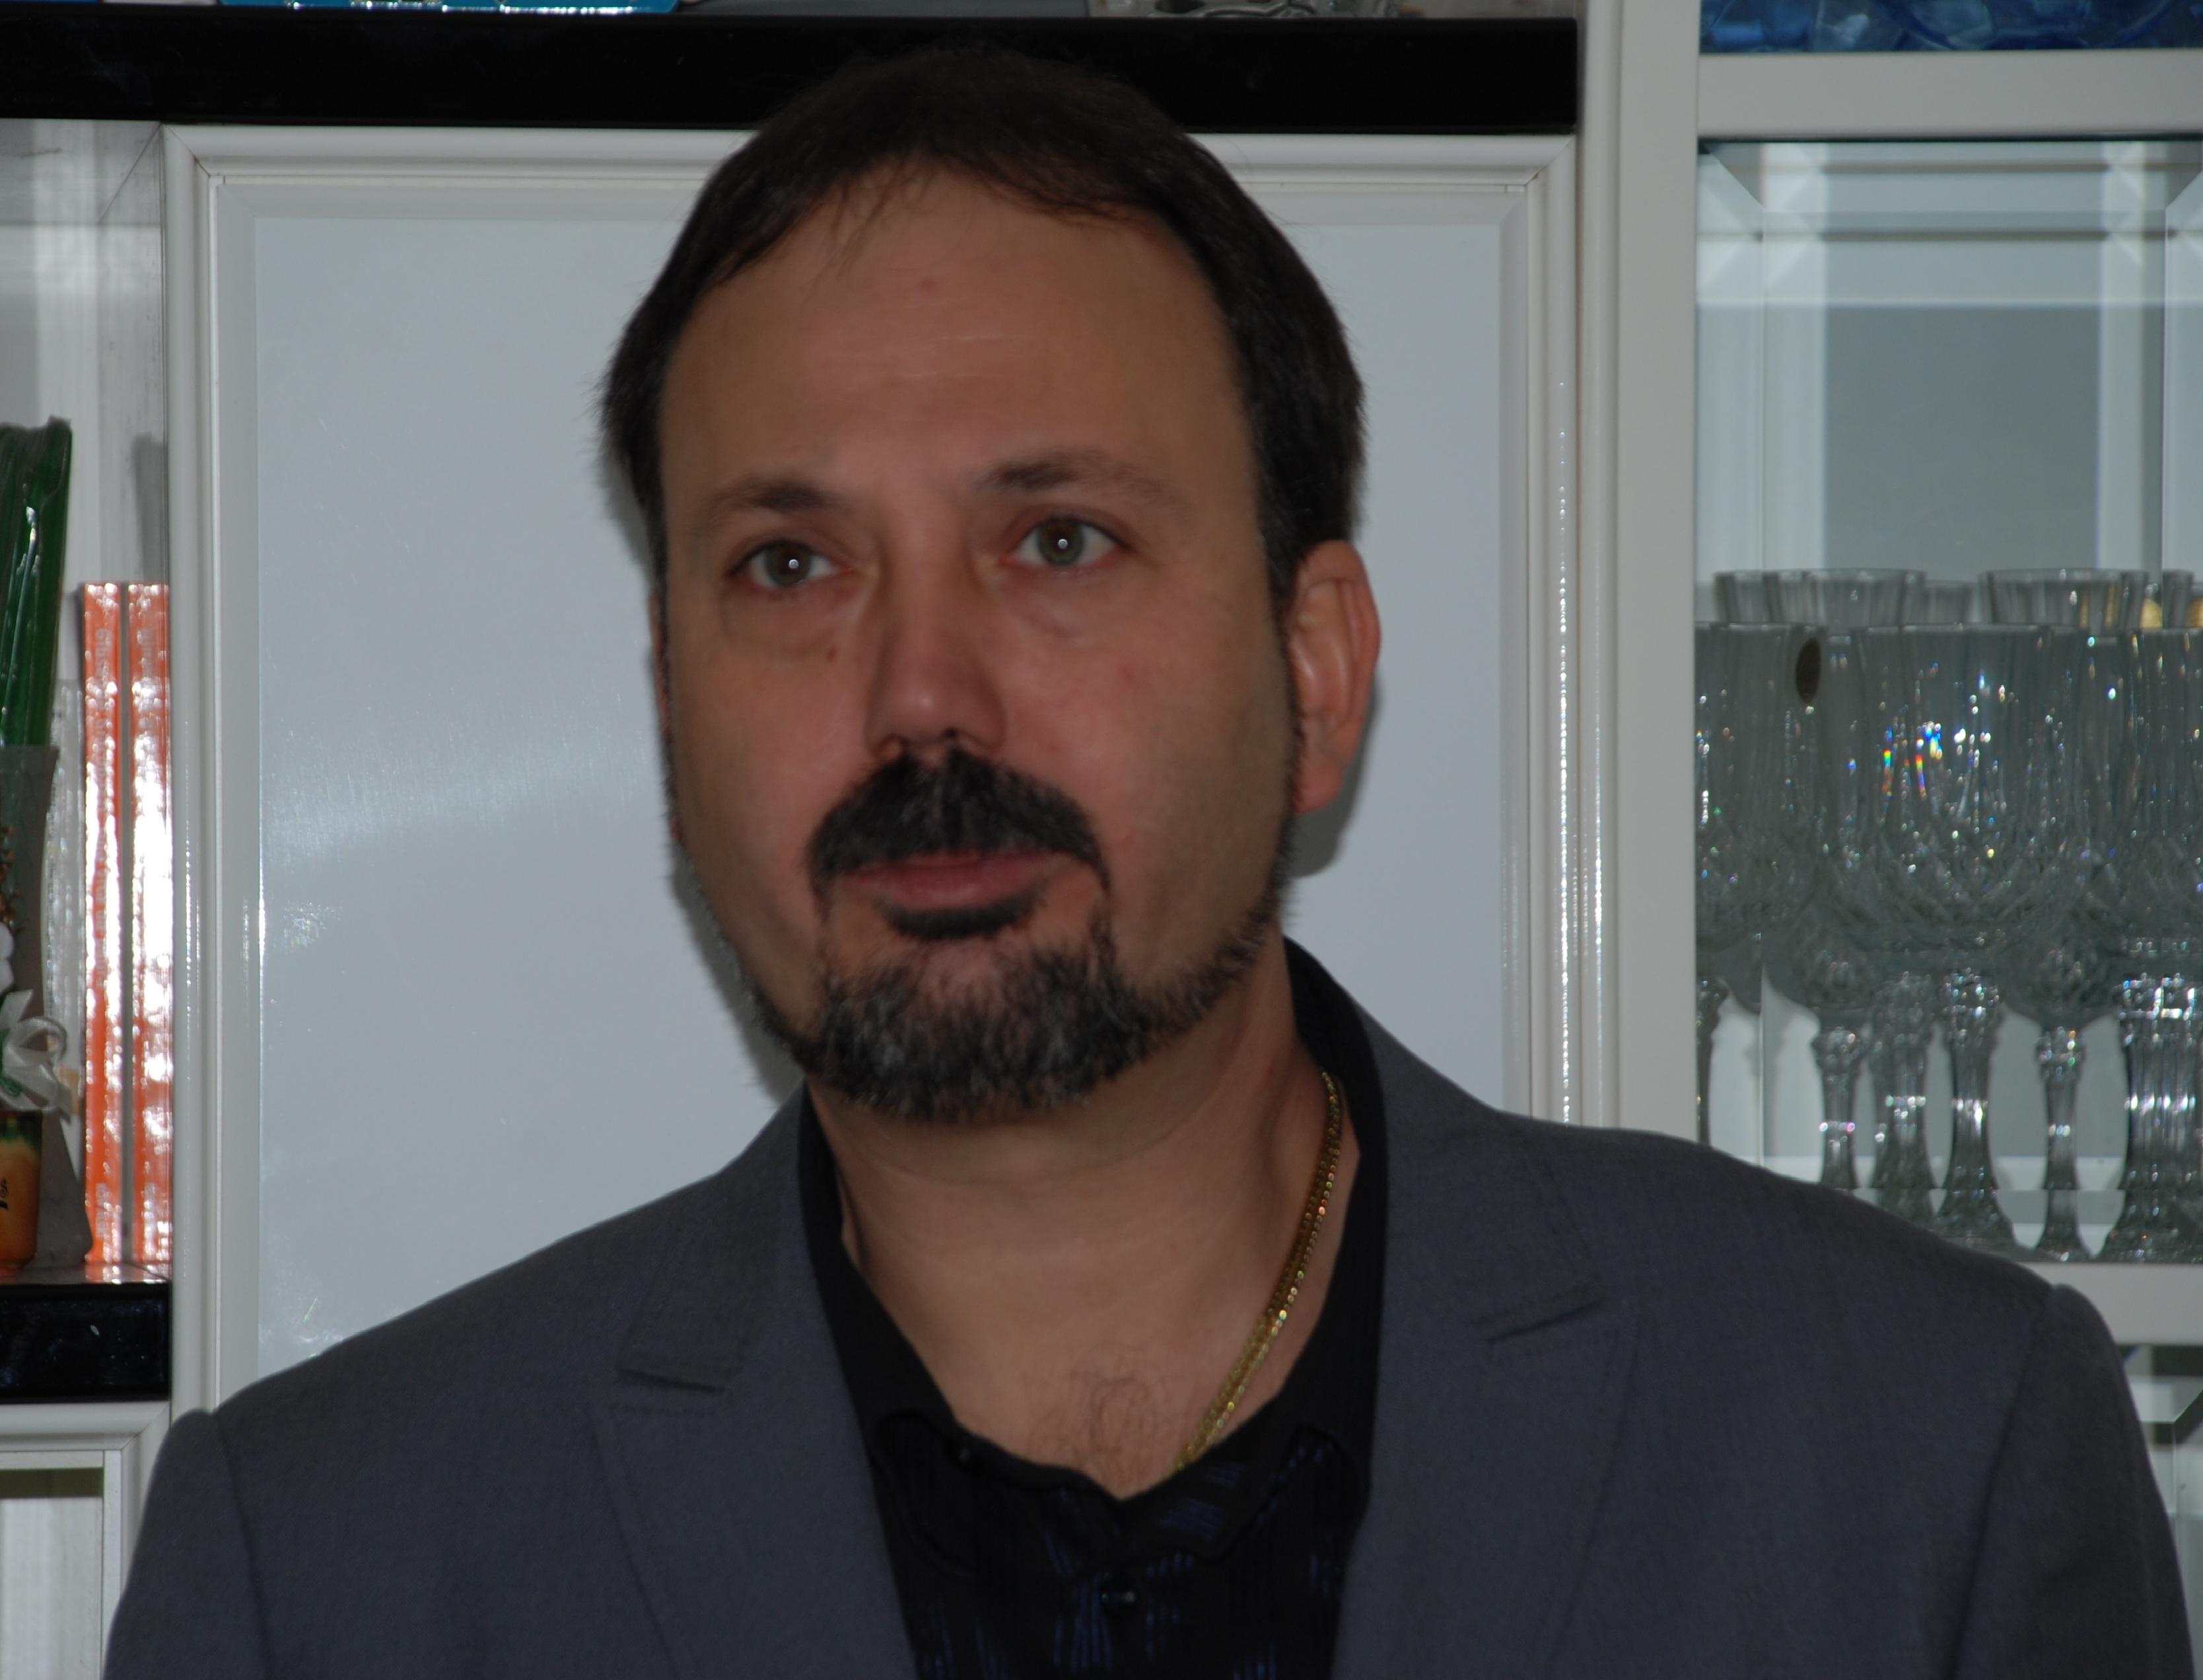 Daniele Donini